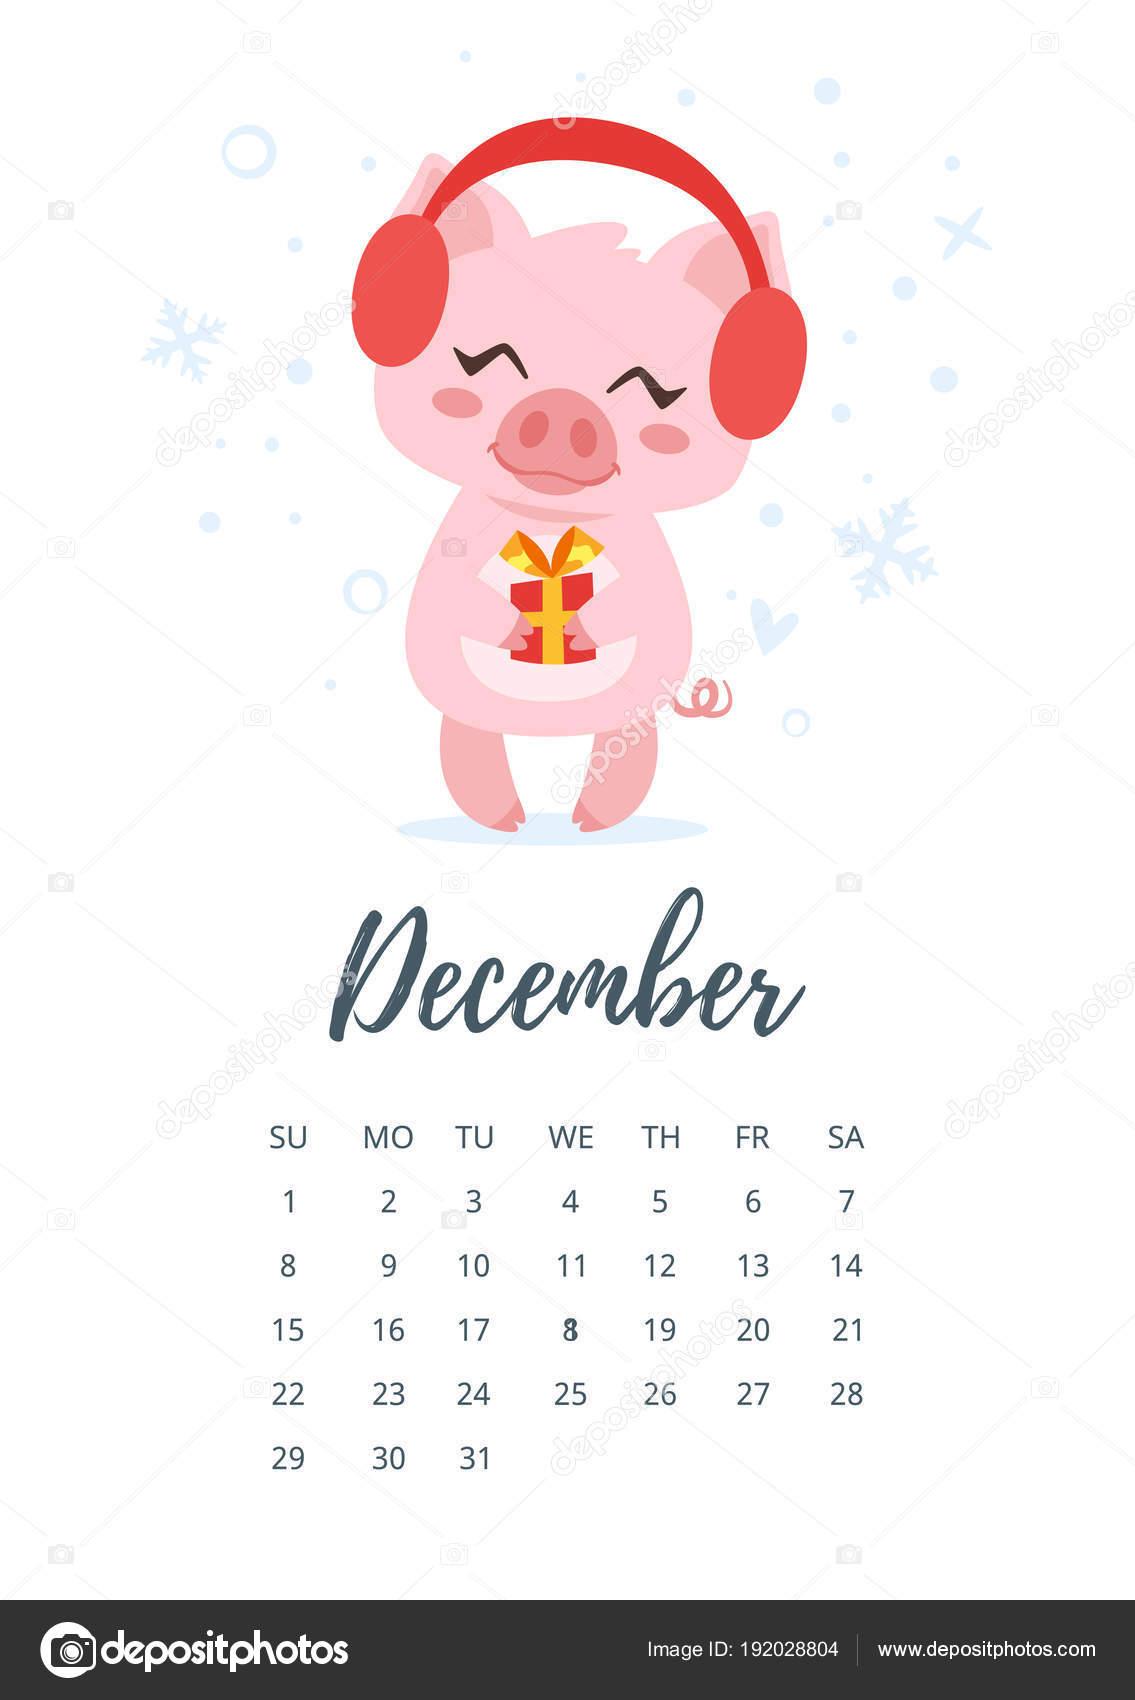 Calendario Dezembro 2019 Bonito.Pagina De Calendario Ano De Dezembro De 2019 Vetores De